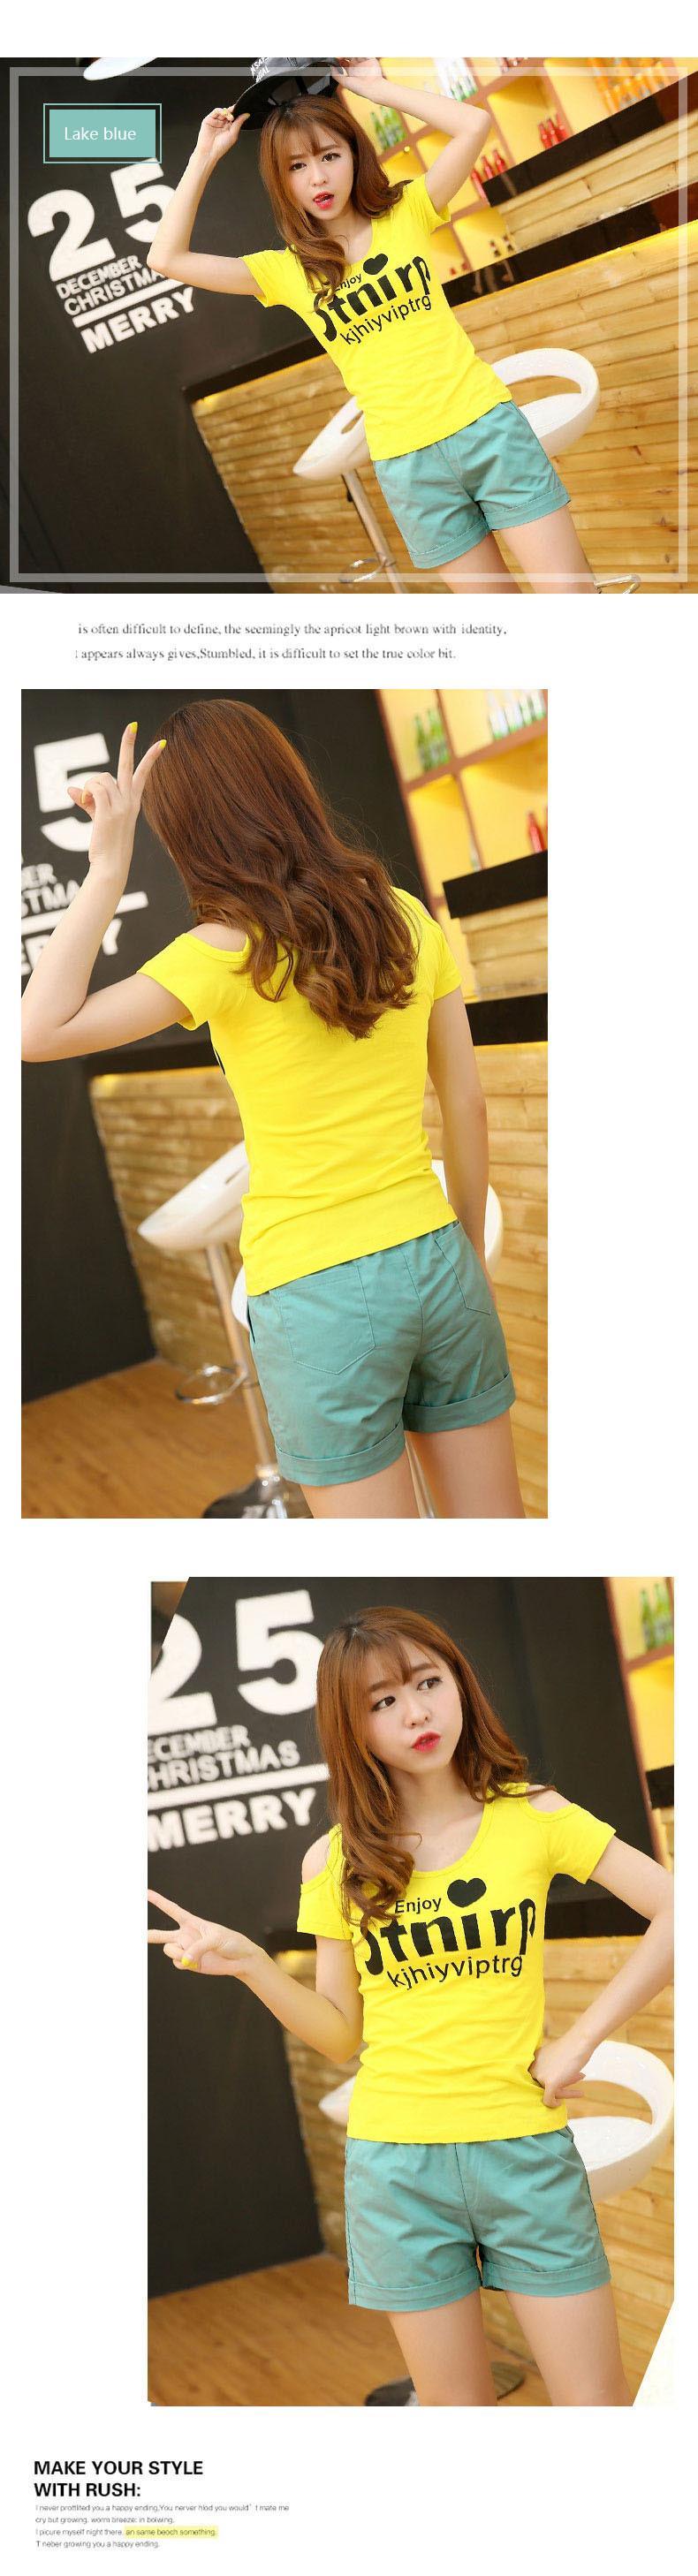 Pantalones Cortos Para Mujer Fashion Color Solido Cintura Elastico Shorts Con Cordon Moda Verano Casual Pantalon Shorts Tallas Grandes Pantalones Cortos Mujer